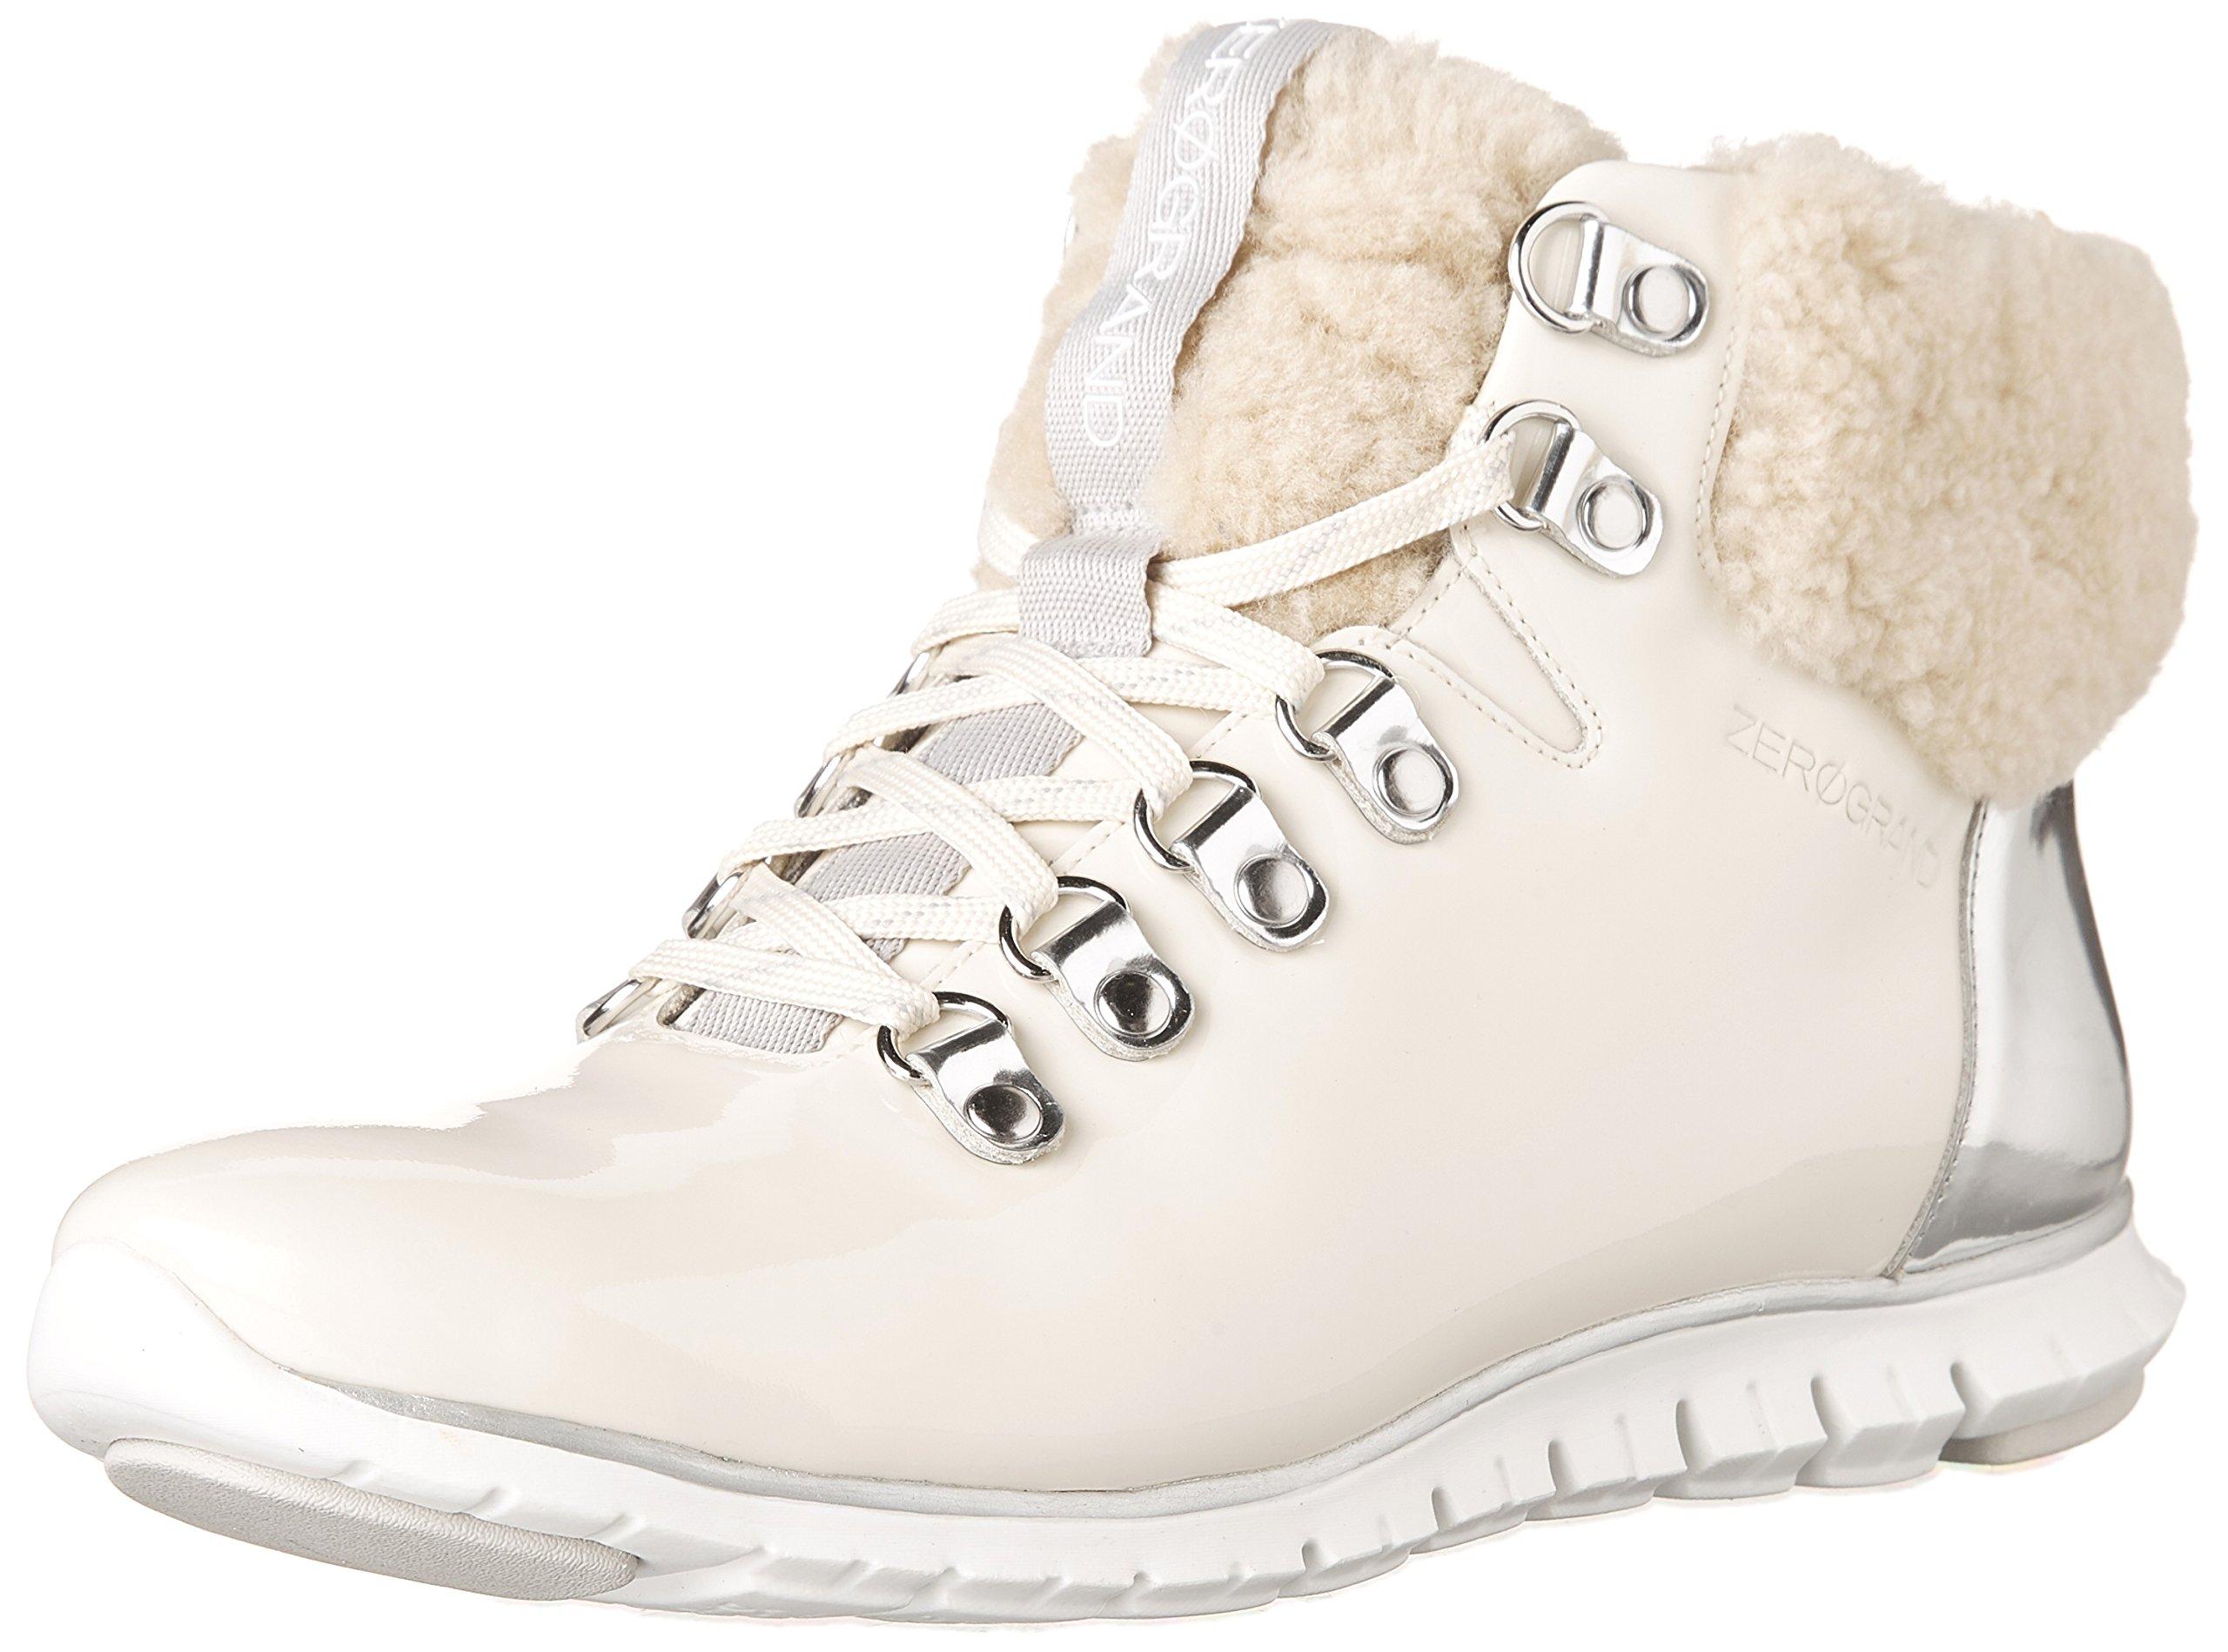 8d78101e6c9c ... Galleon - Cole Haan Women s Zerogrand Waterproof Hiker Boot 8.5 Optic  White Waterproof Patent-  Cole Haan BLACK ...